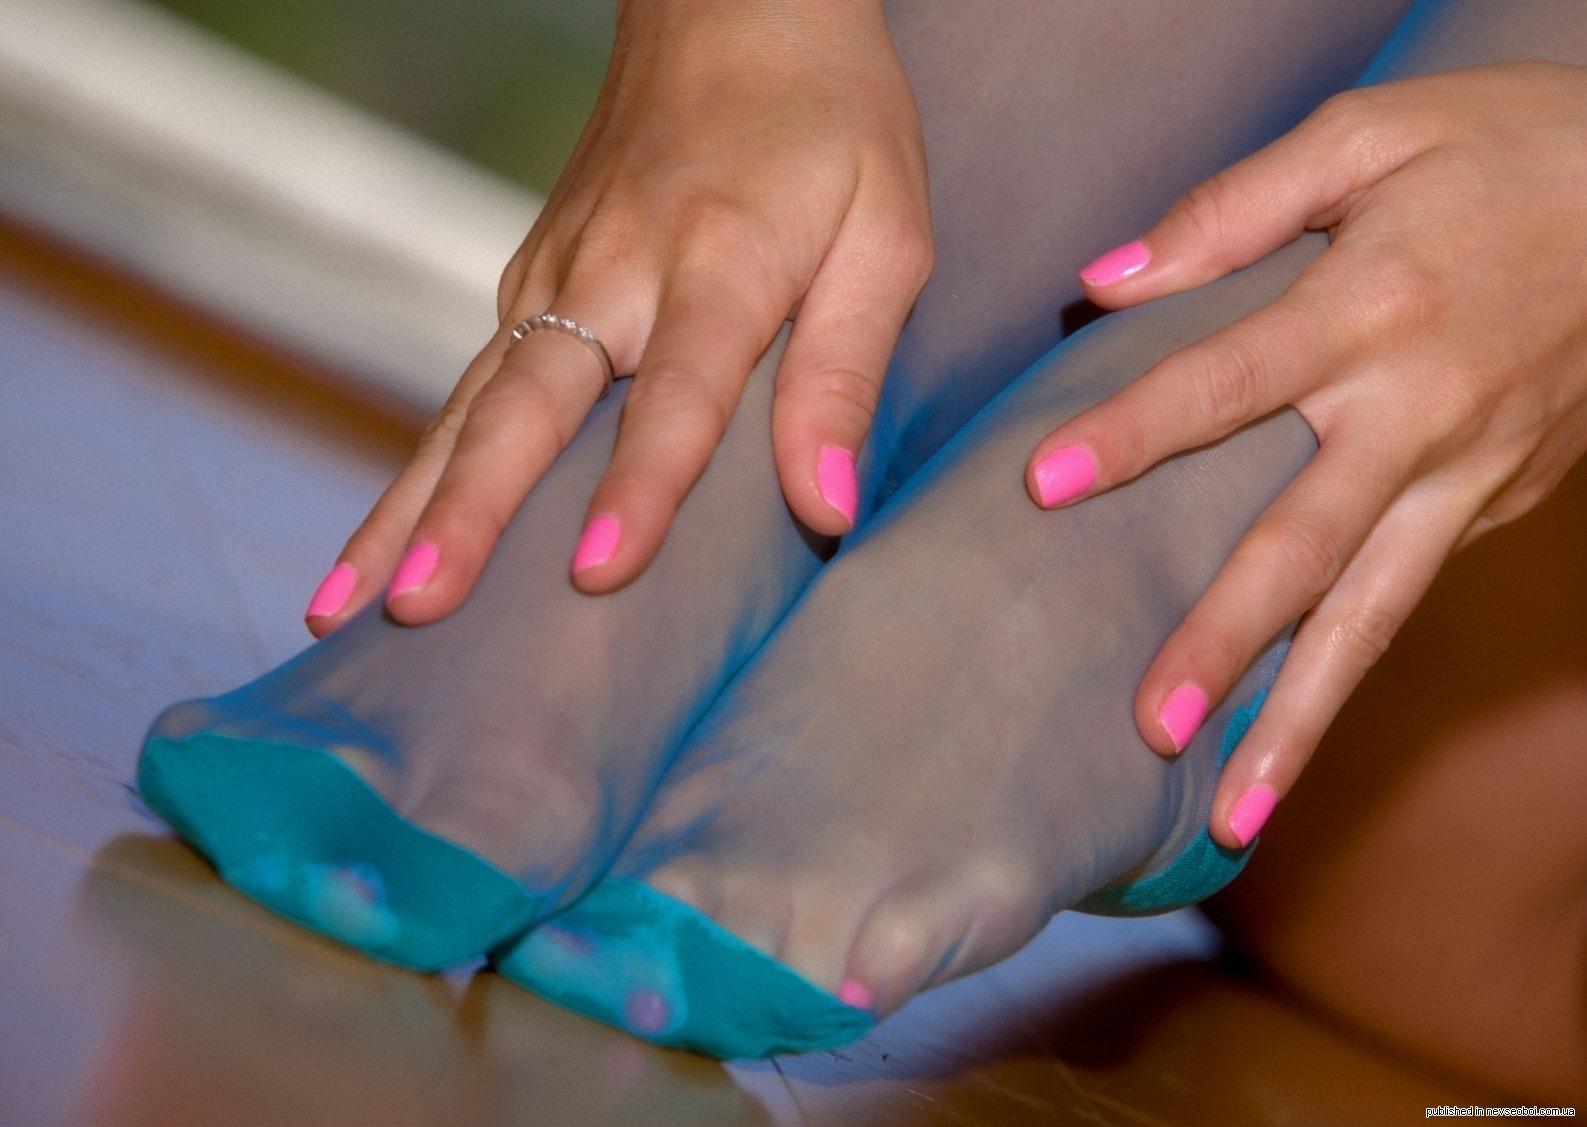 Фото пальчиков и ступней ног в чулках 23 фотография